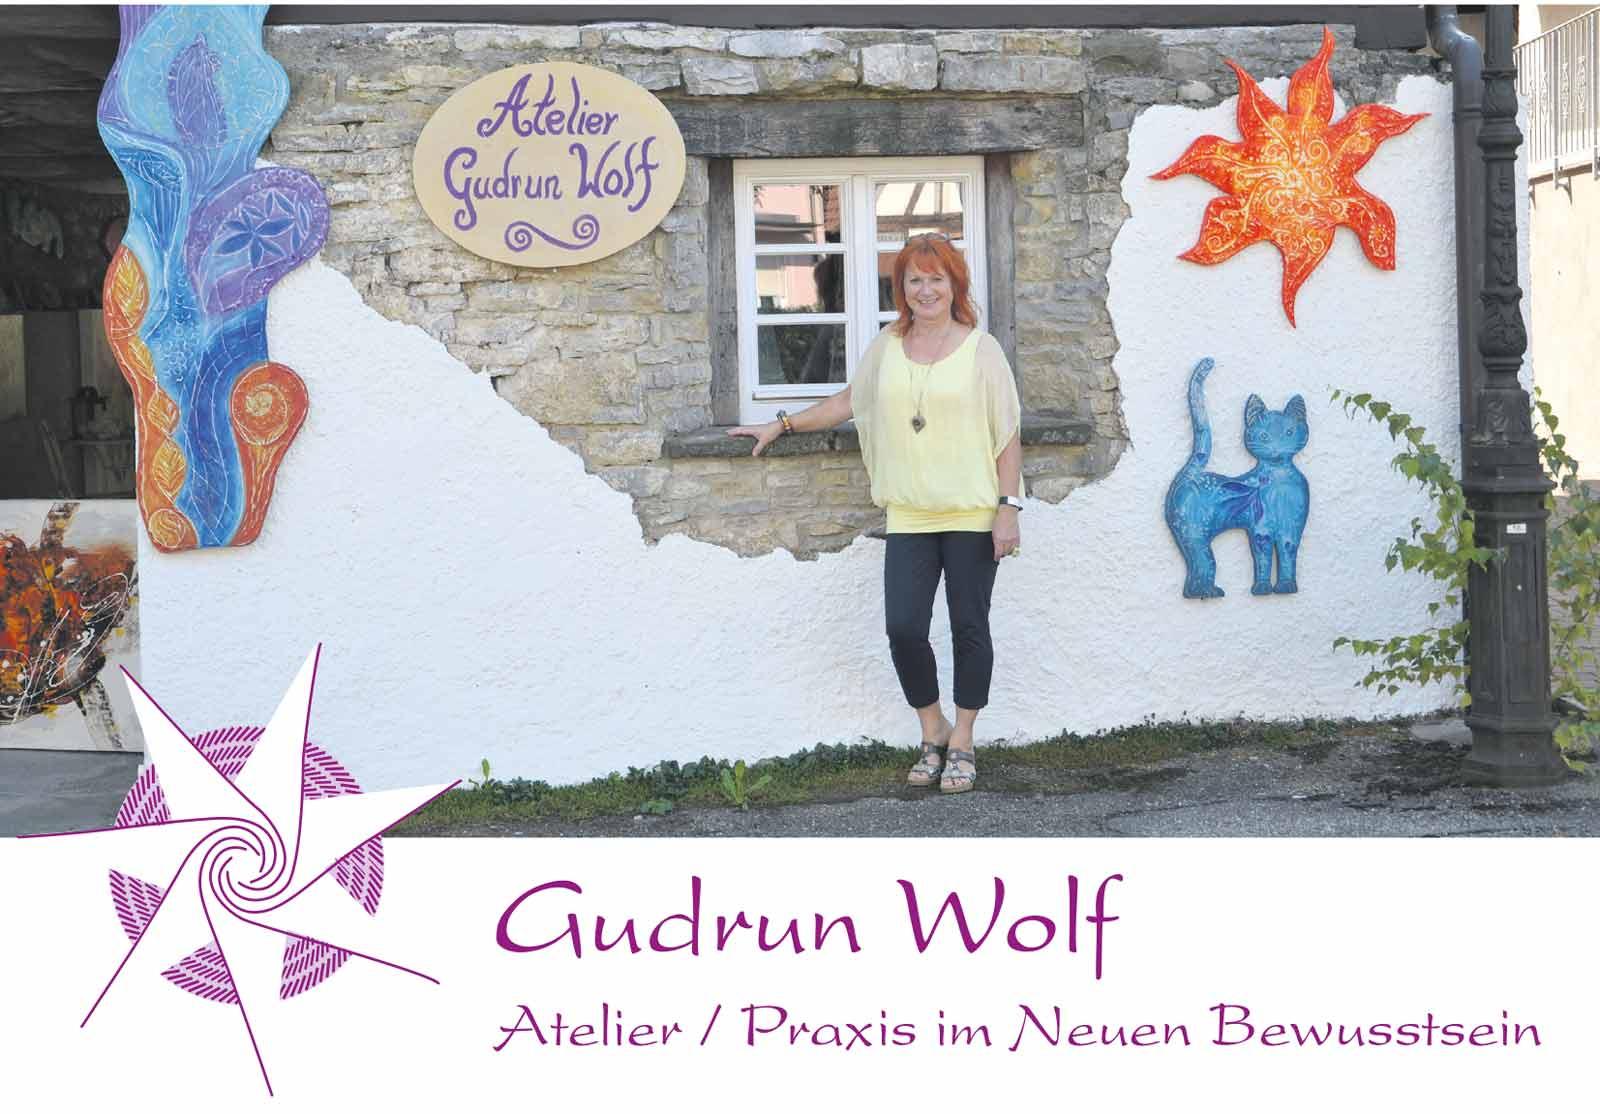 Atelier Gudrun Wolf